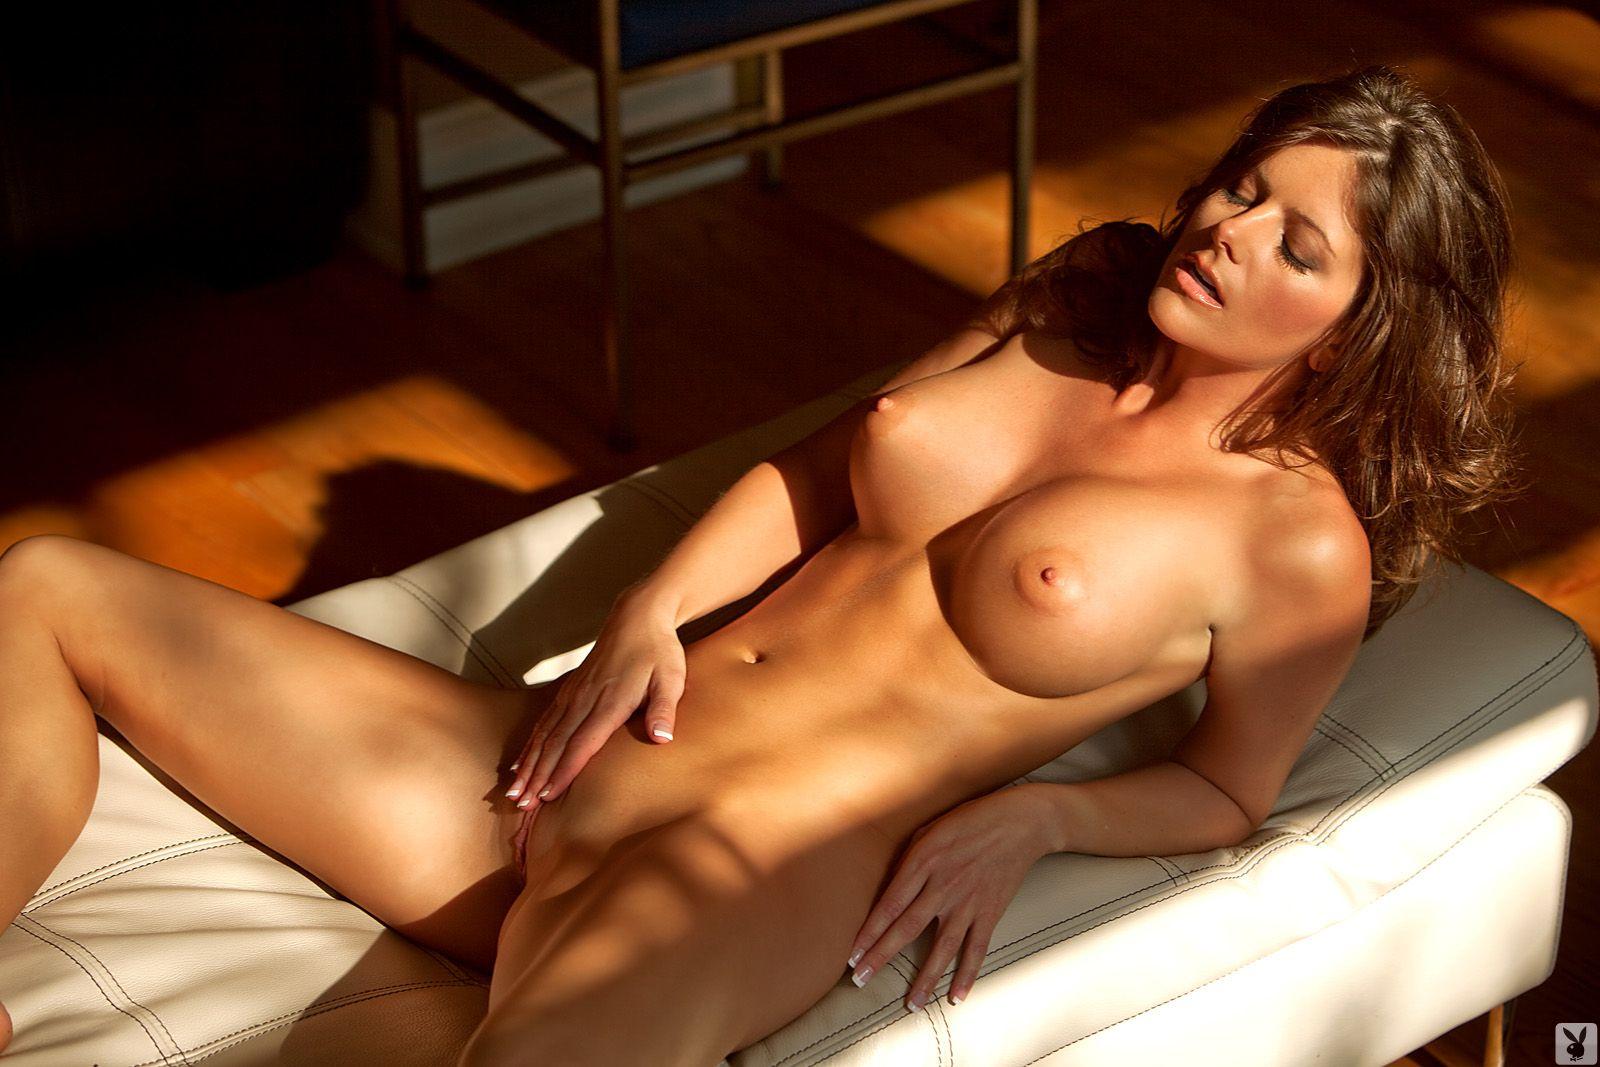 Эротические фотосеты красивых женщин, Эротика - смотреть лучшую фото эротику бесплатно 2 фотография